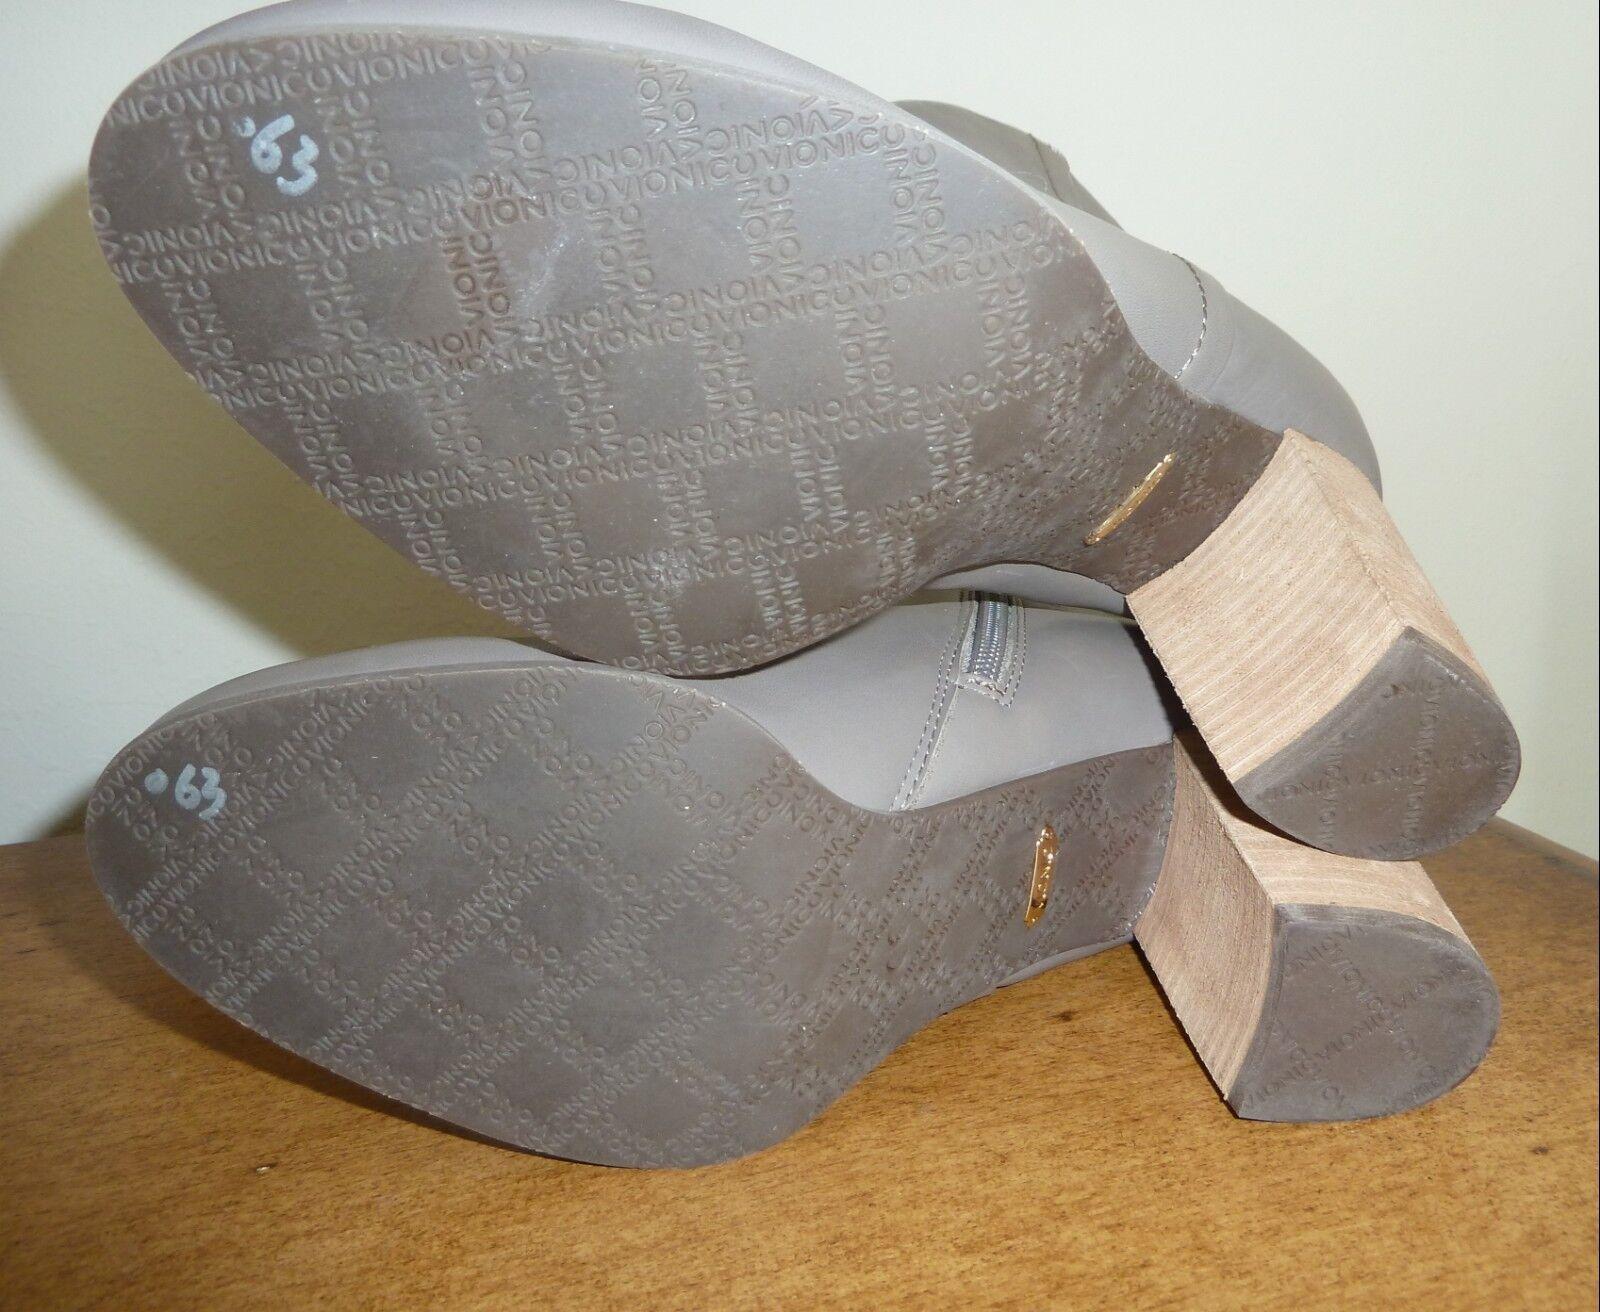 botas al Tobillo de Cuero 179.95 Vionic-Kennedy Oyster 9 o 9.5  179.95 Cuero 720951